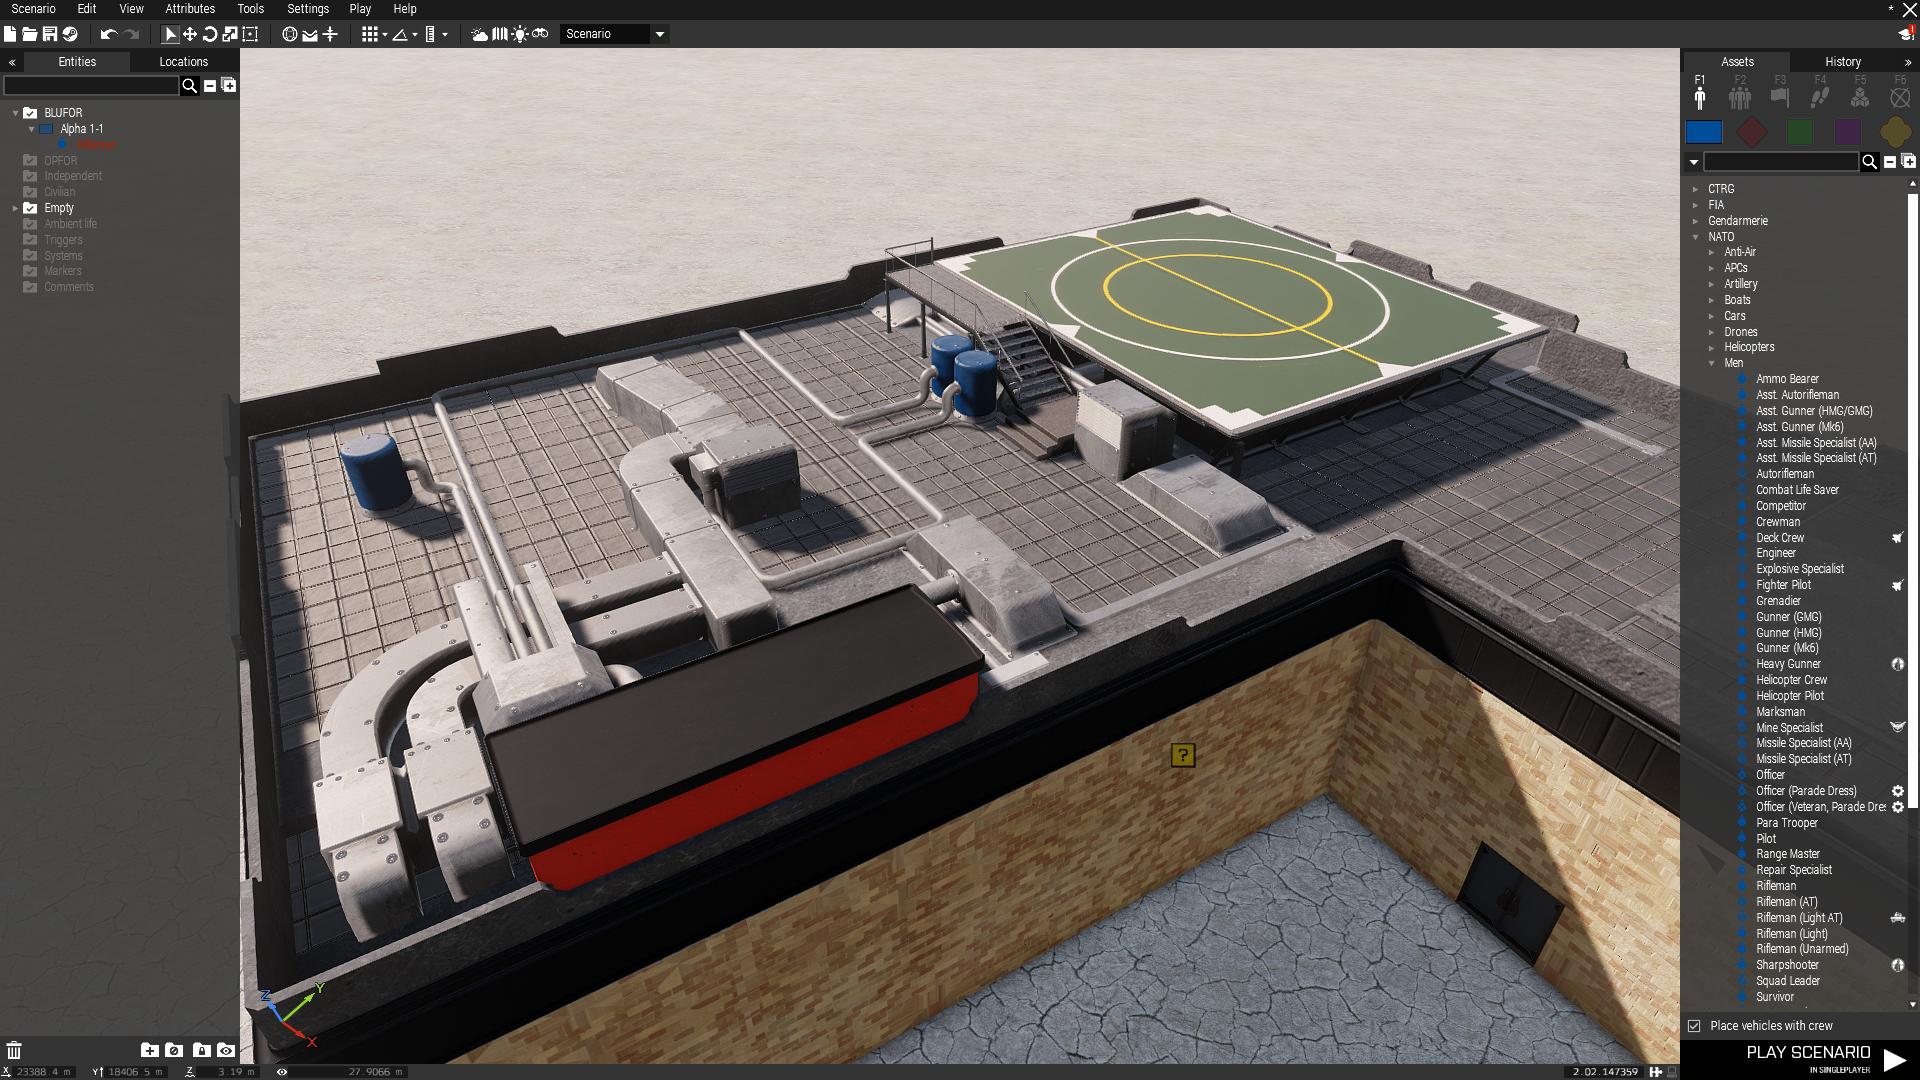 ArmA_3_Screenshot_2021.03.24_-_18.48.26.